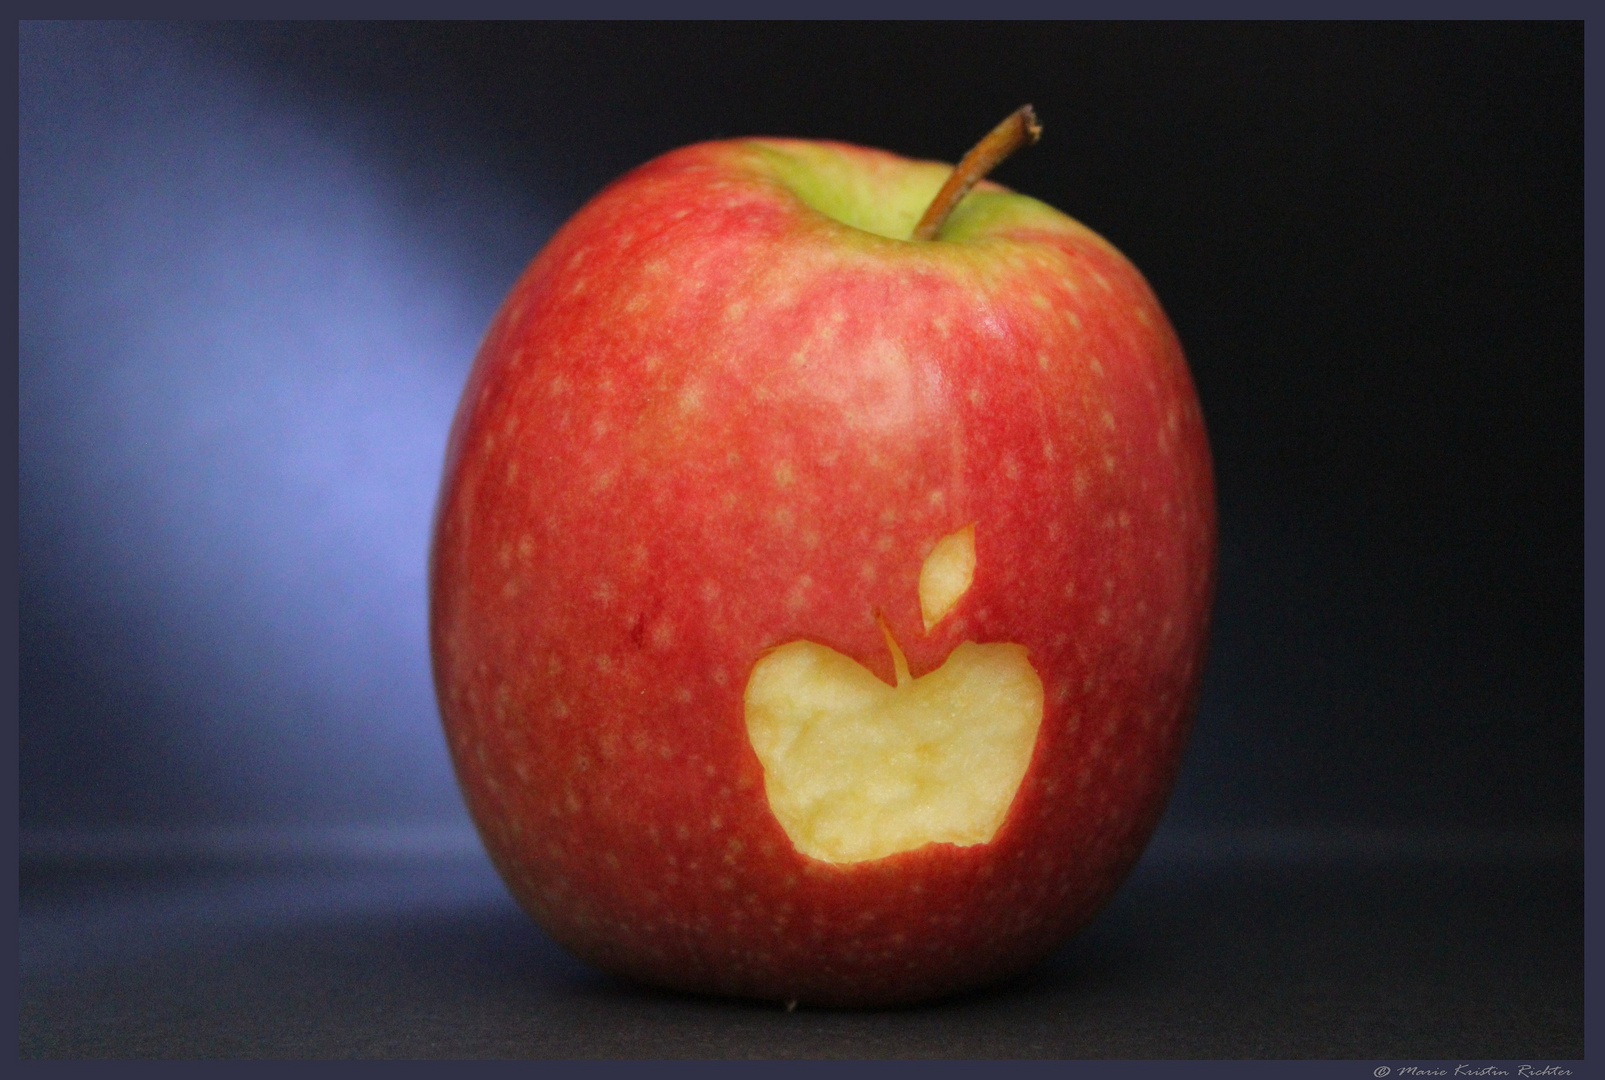 apple in apple